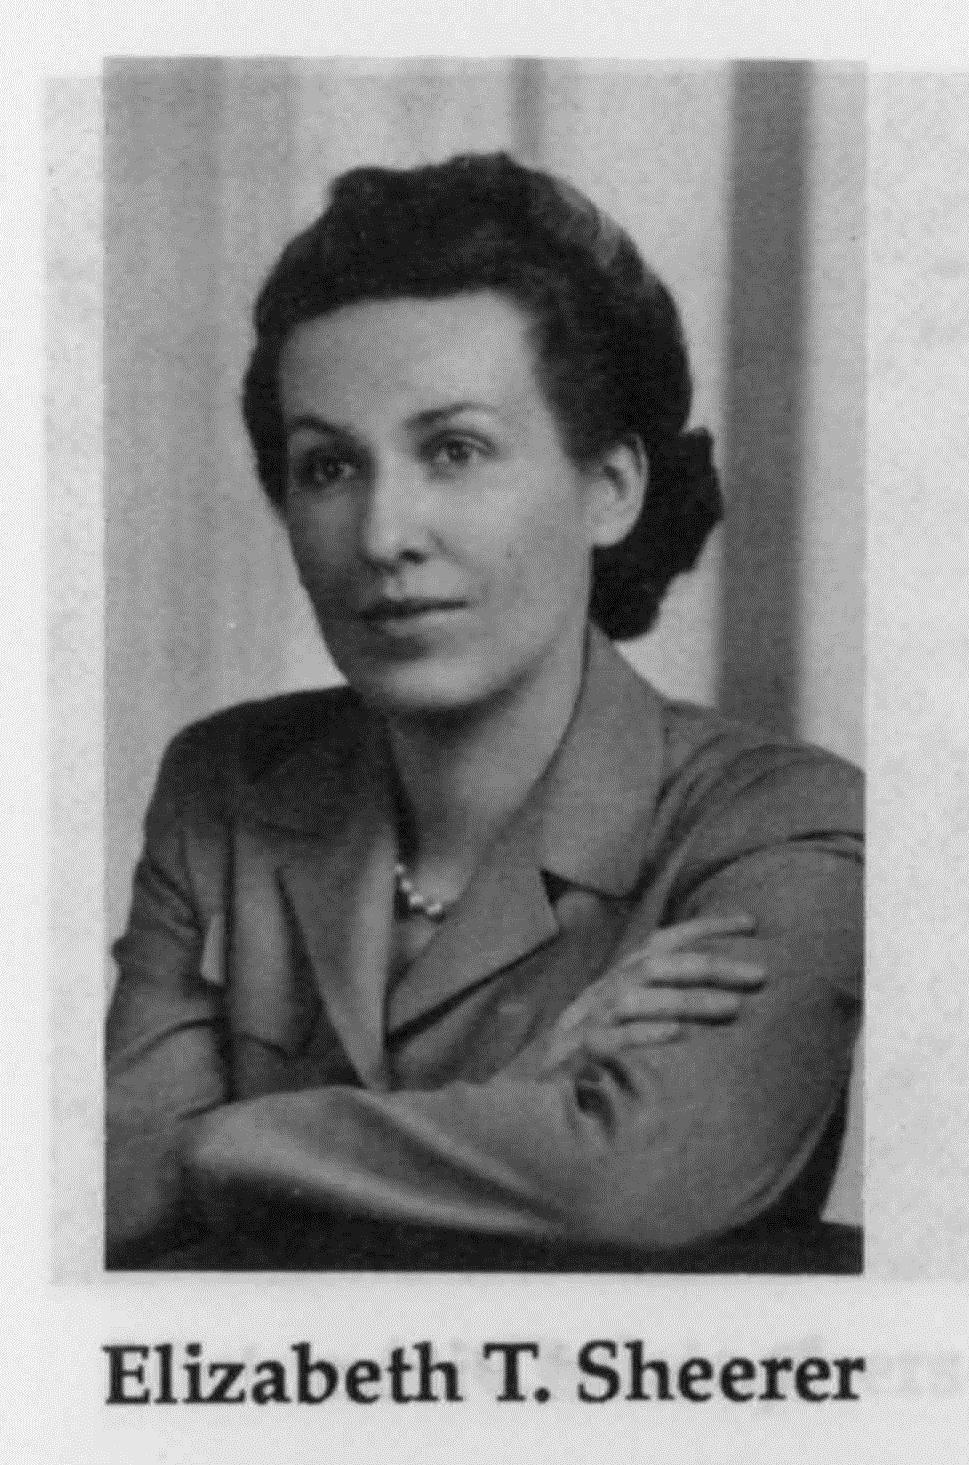 Elizabeth Sheerer